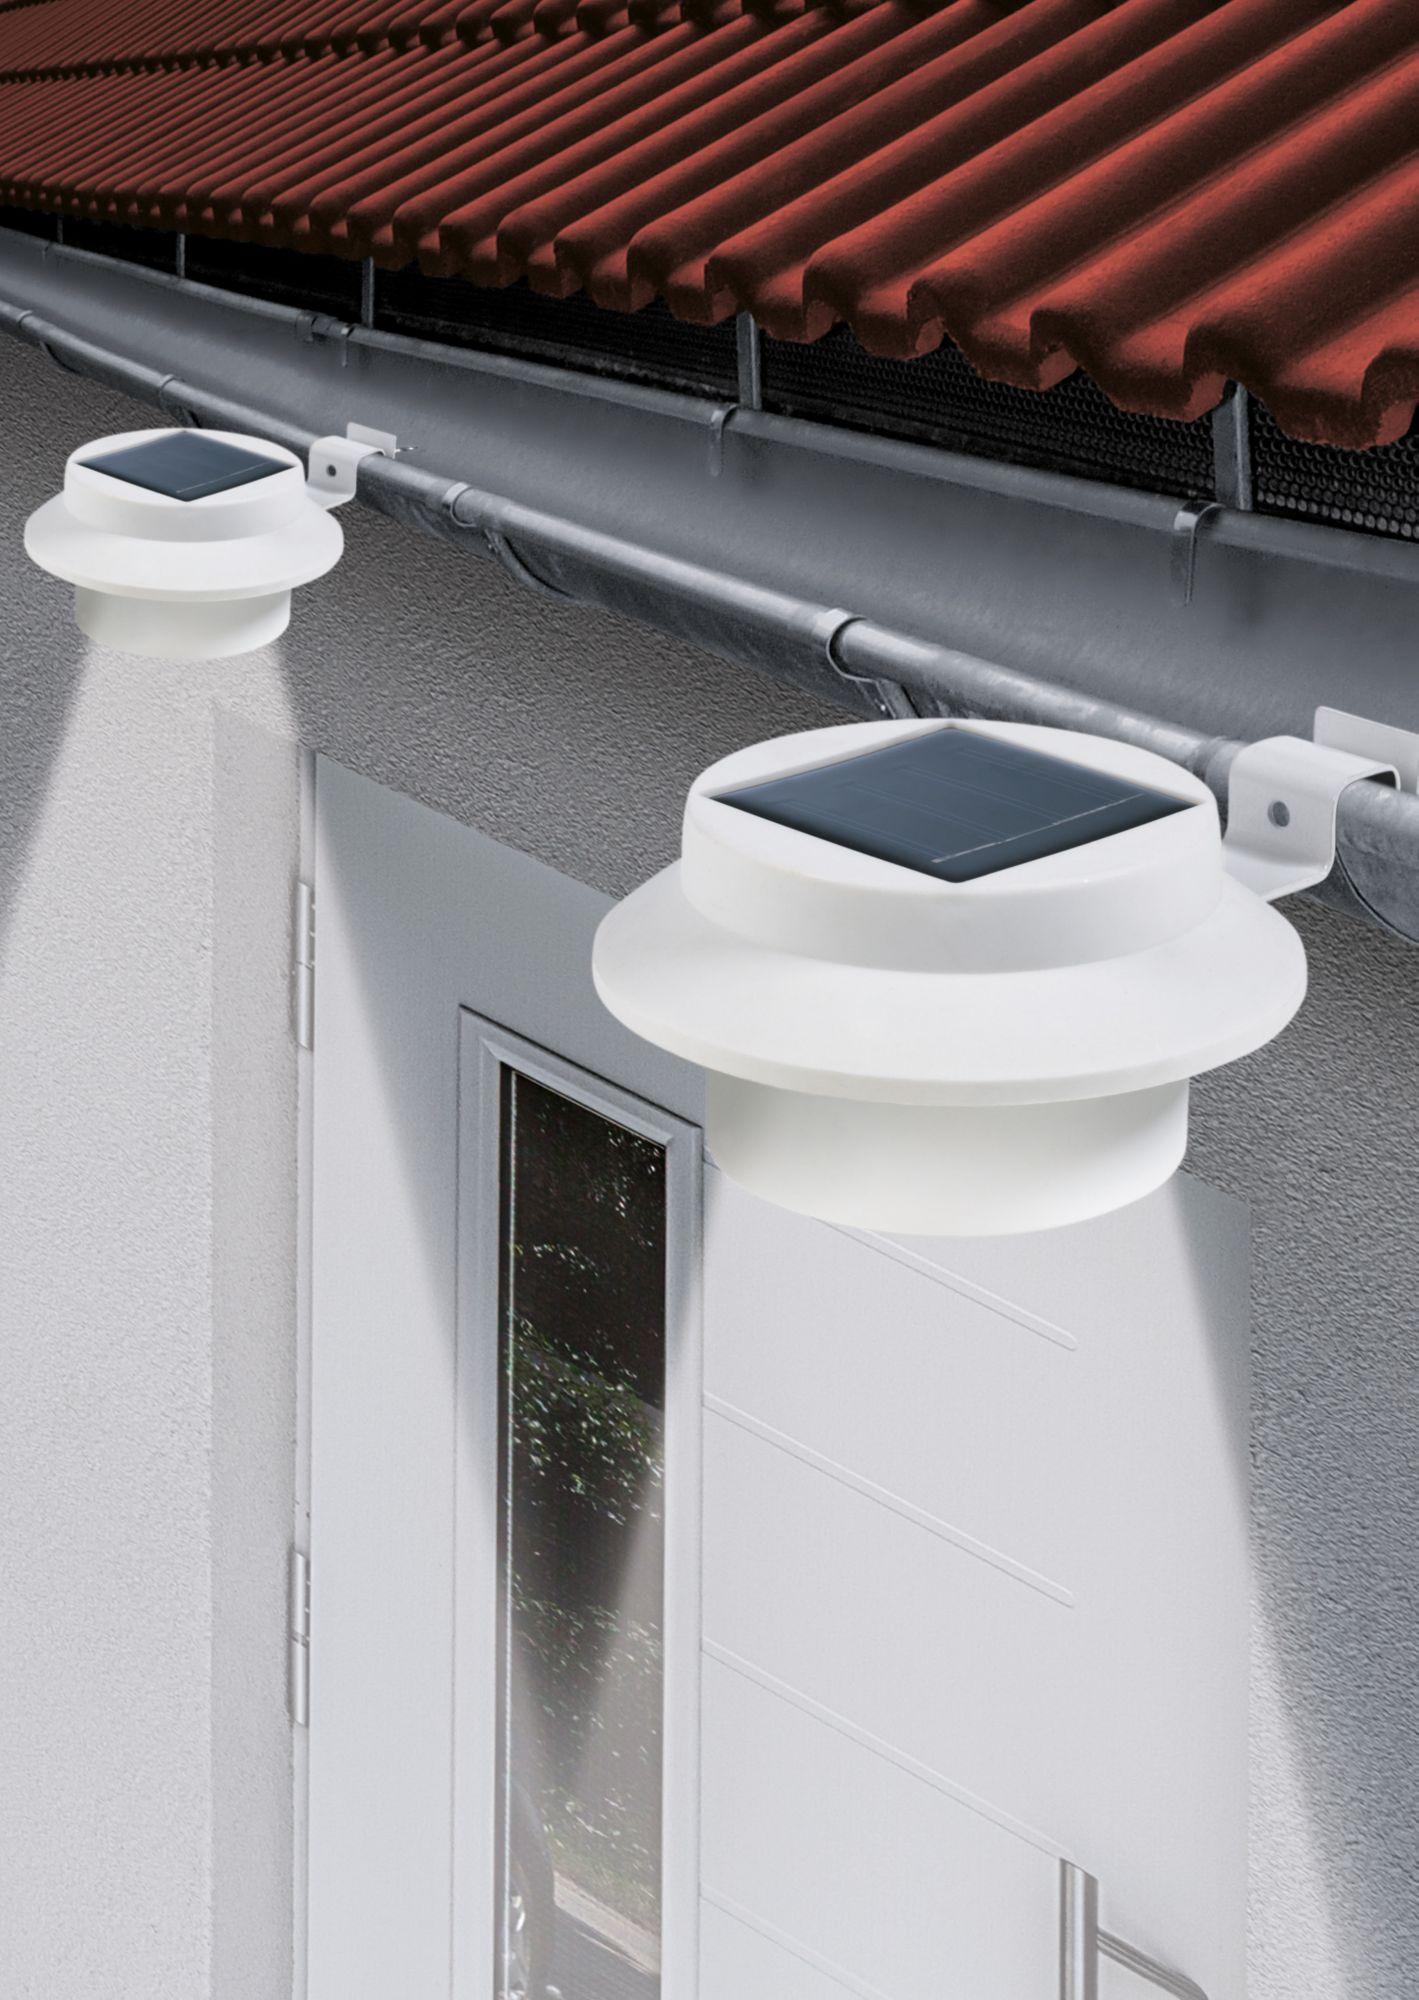 EASY MAXX EASYmaxx Solar-Dachrinnenleuchten 3er-Set, weiß